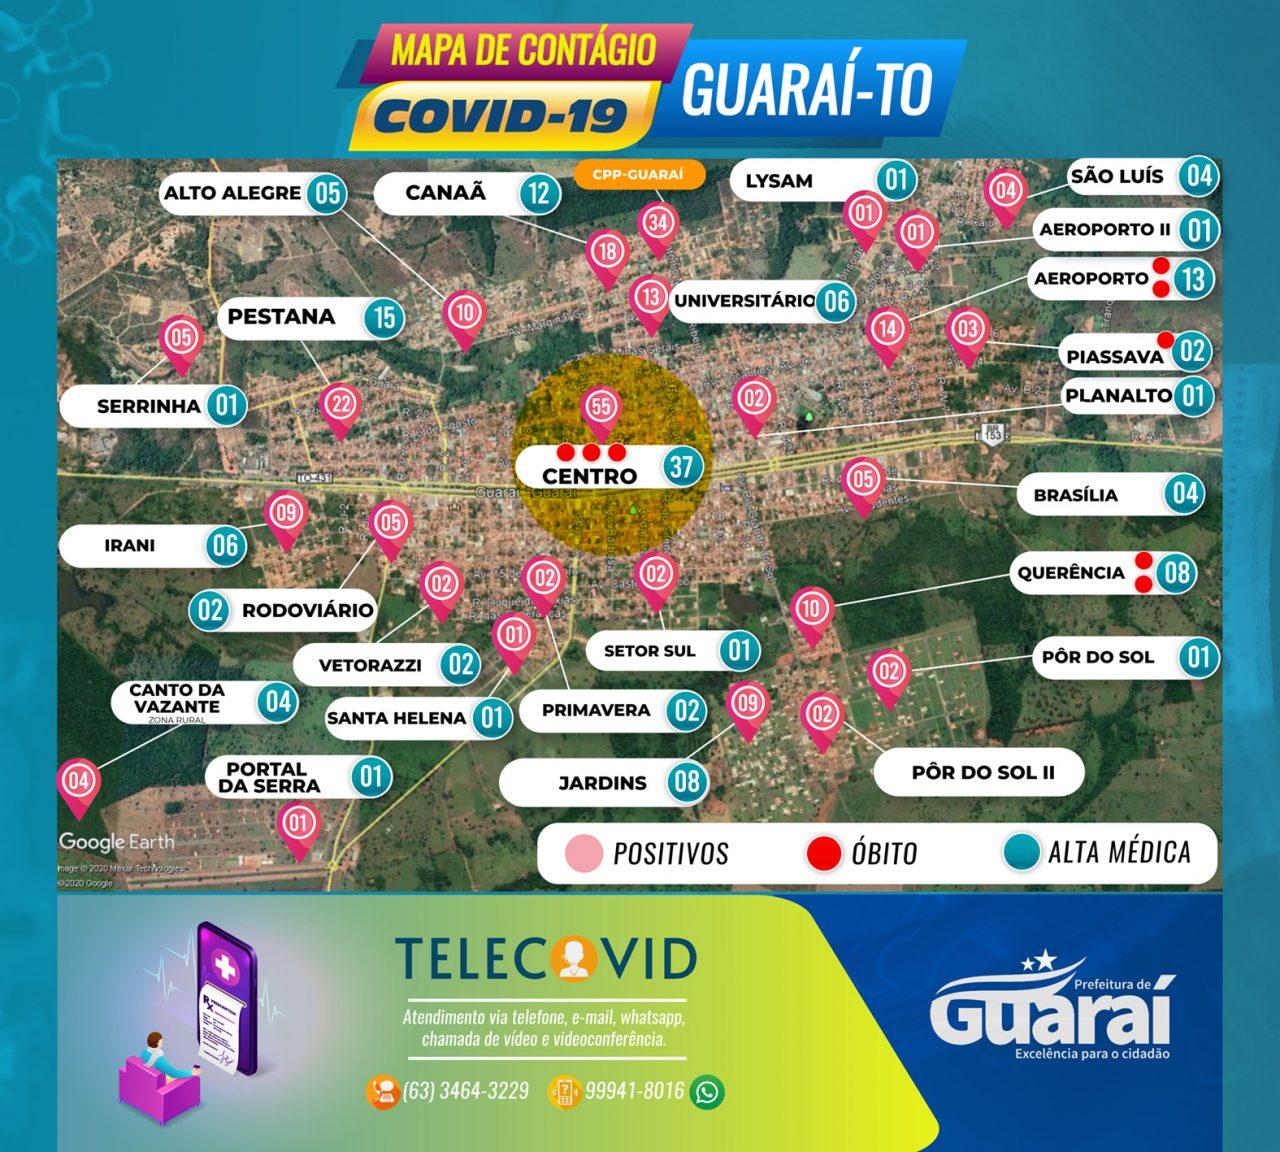 MAPA GUARAI COVID19 SEGUNDA 6 DE JULHO 1280x1152 - PaineI Guaraí-TO / Covid-19 / Boletim 06 de Julho (segunda) 14:00